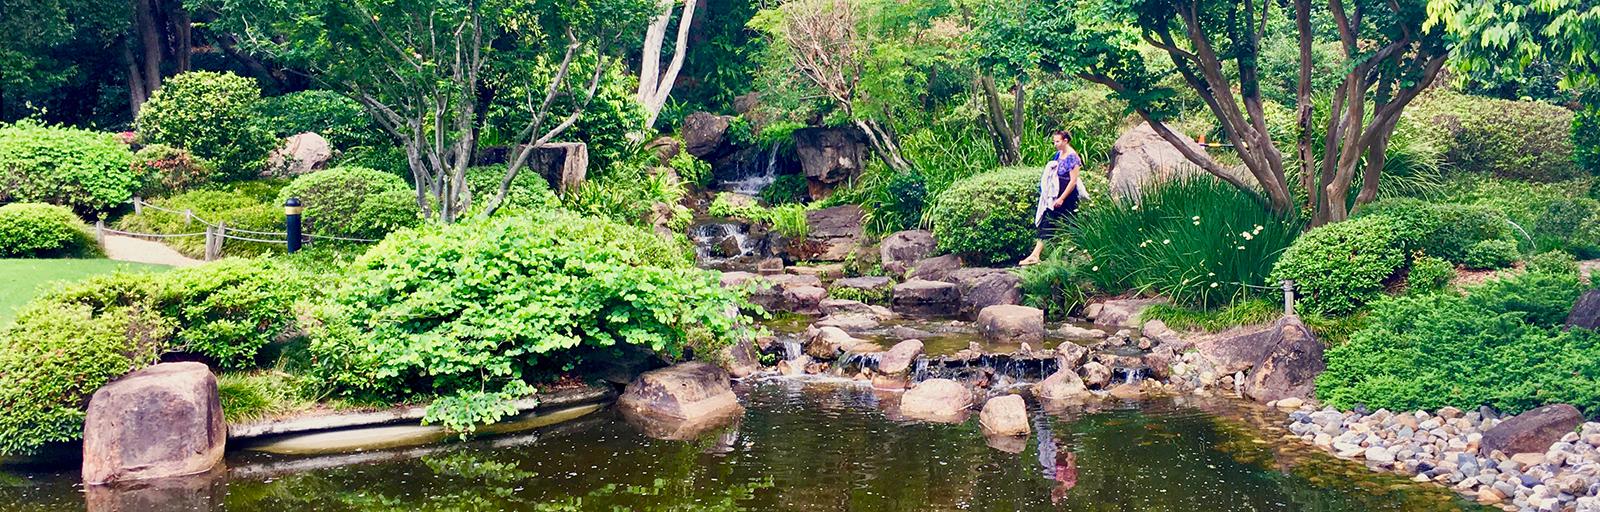 The Association - Friends Geelong Botanic Gardens